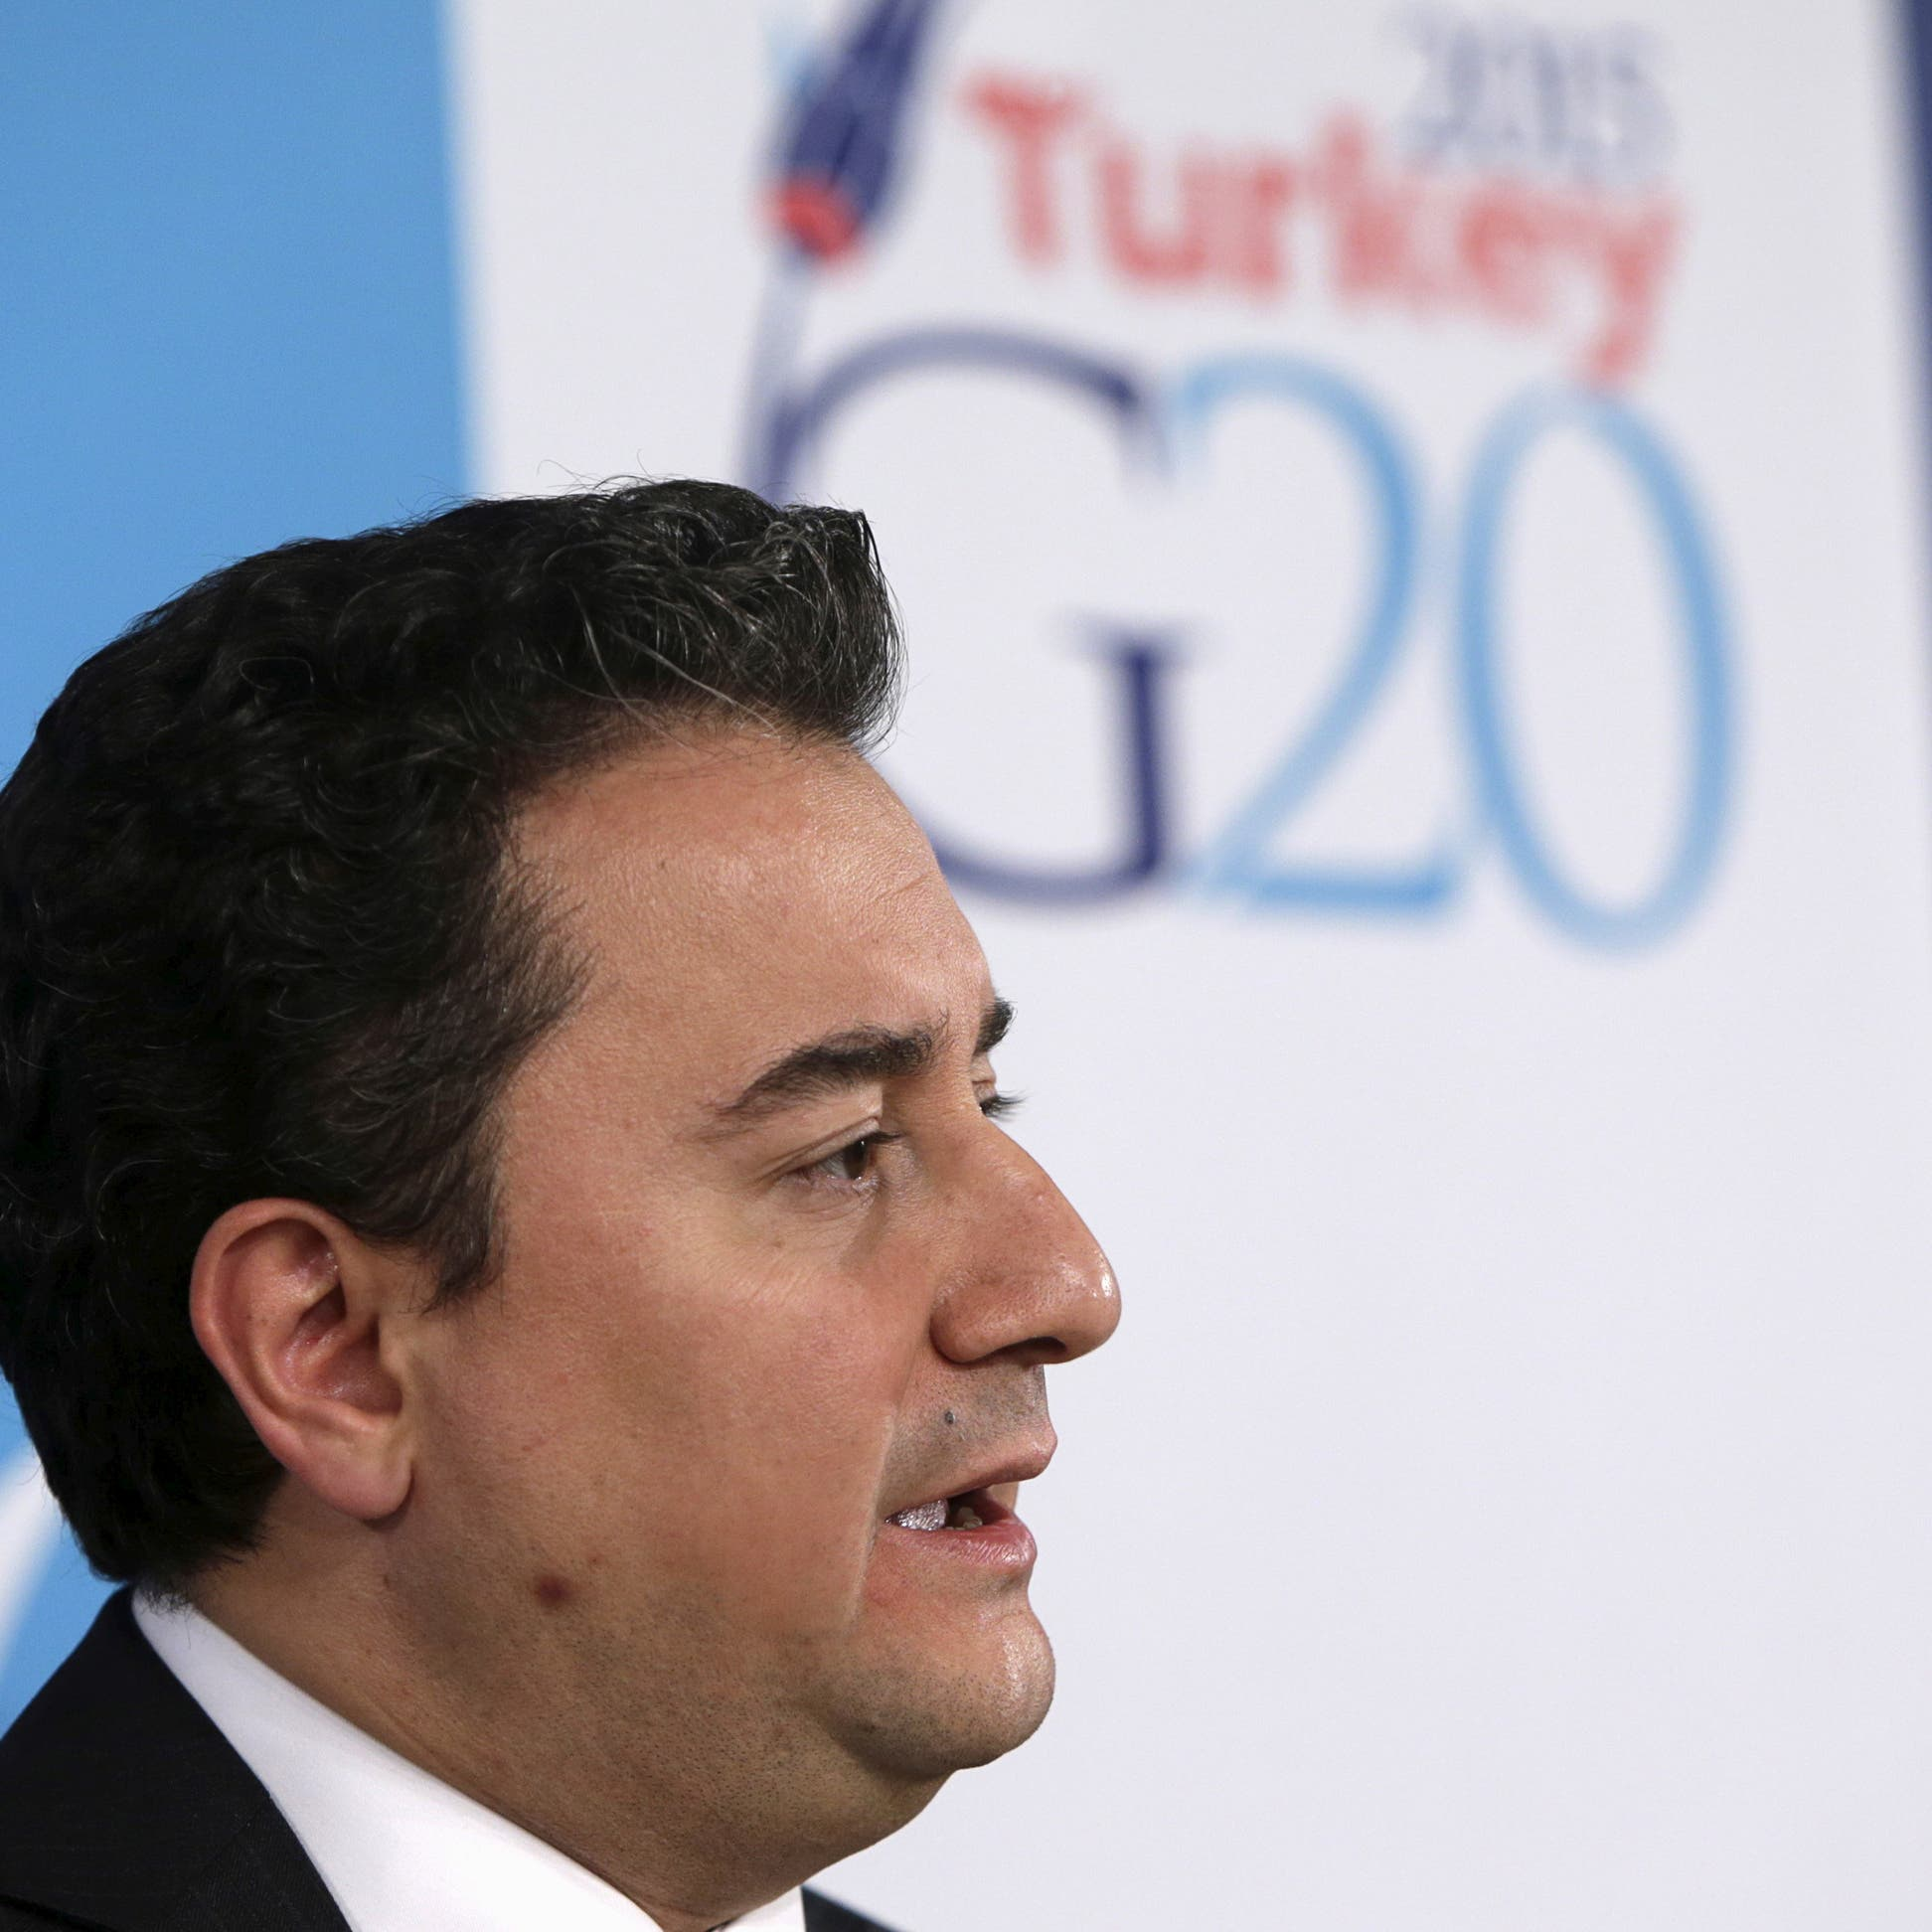 """باباجان عن المسؤولين الأتراك: """"فقدوا الإحساس"""""""